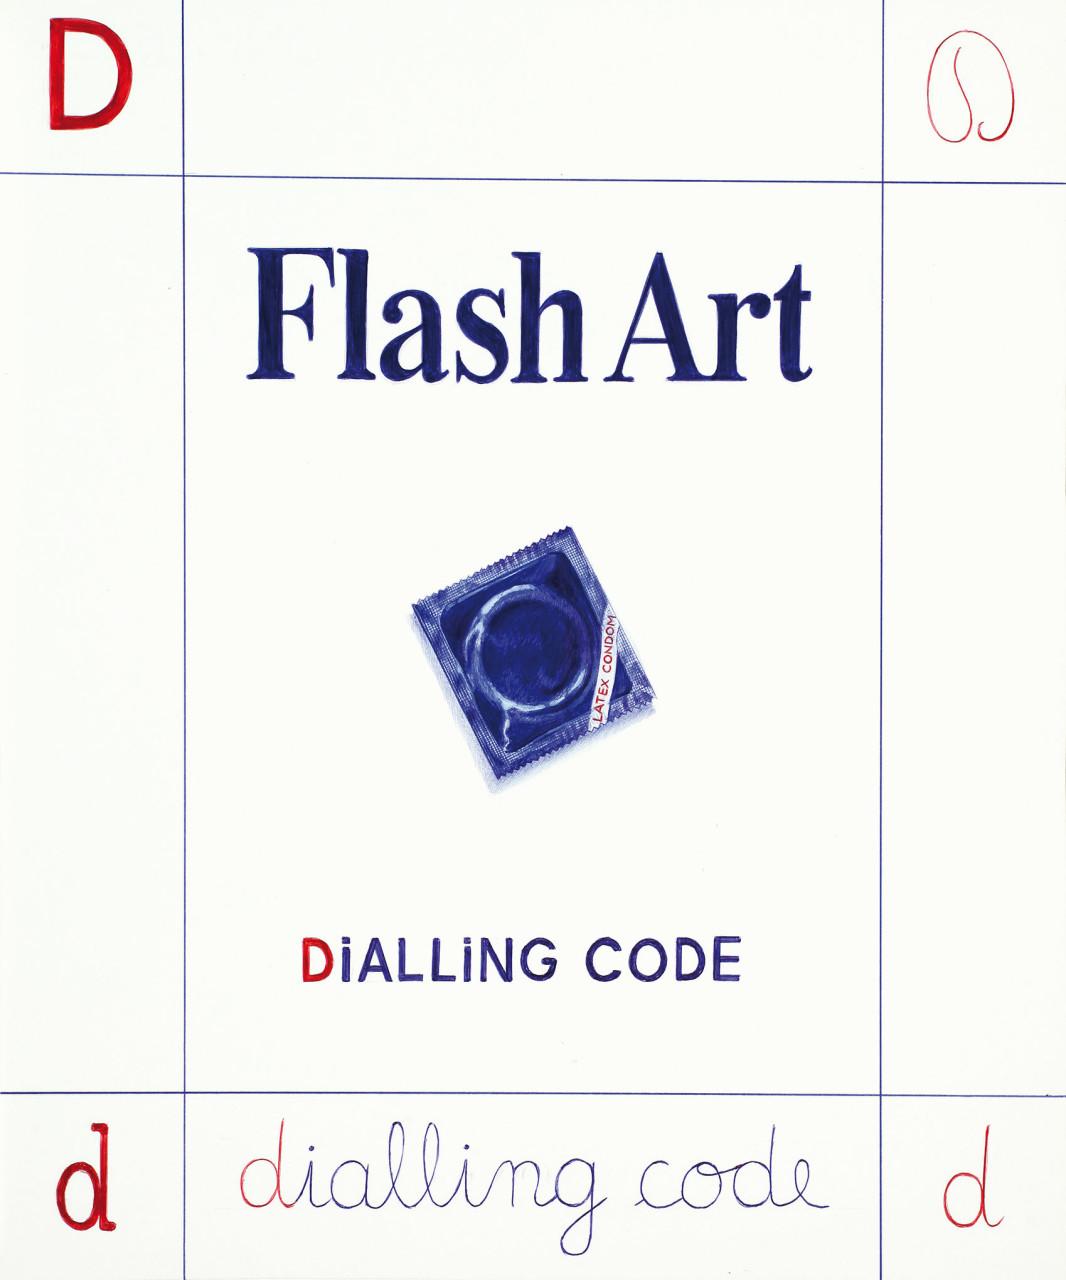 10D-dialling code_bassa